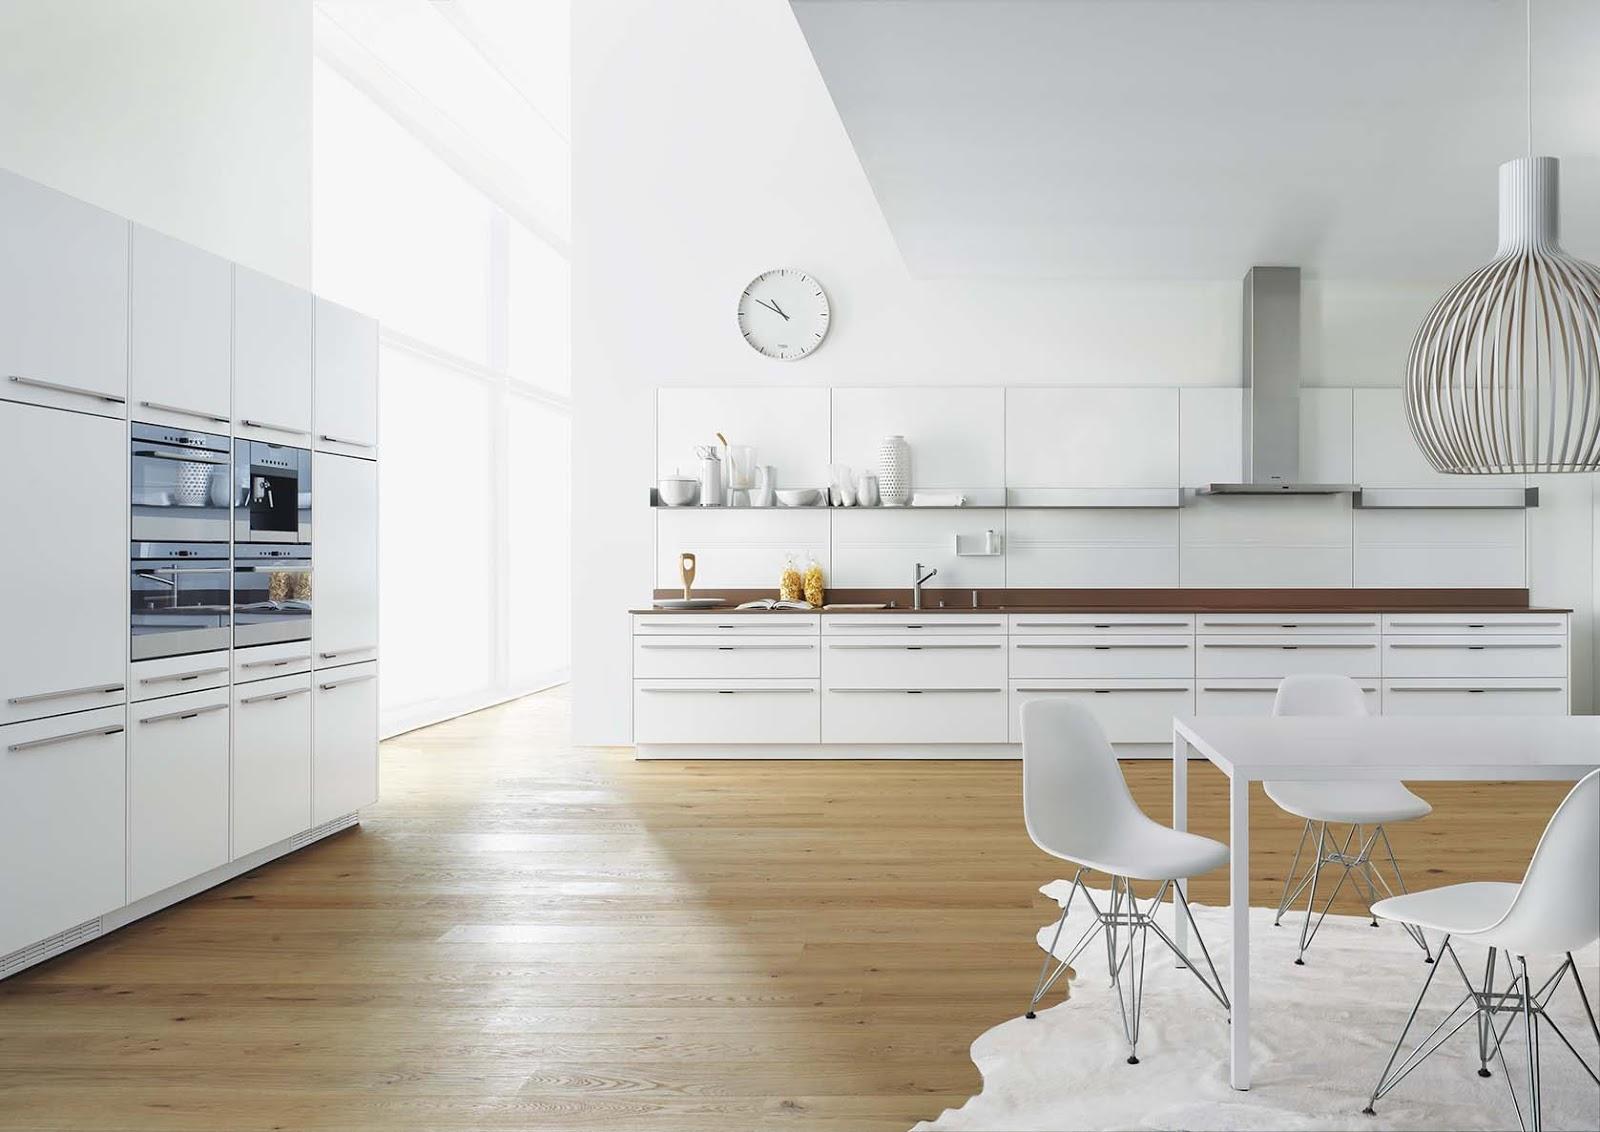 Küchen Inspirationen trendwelt moderne küchen inspirationen